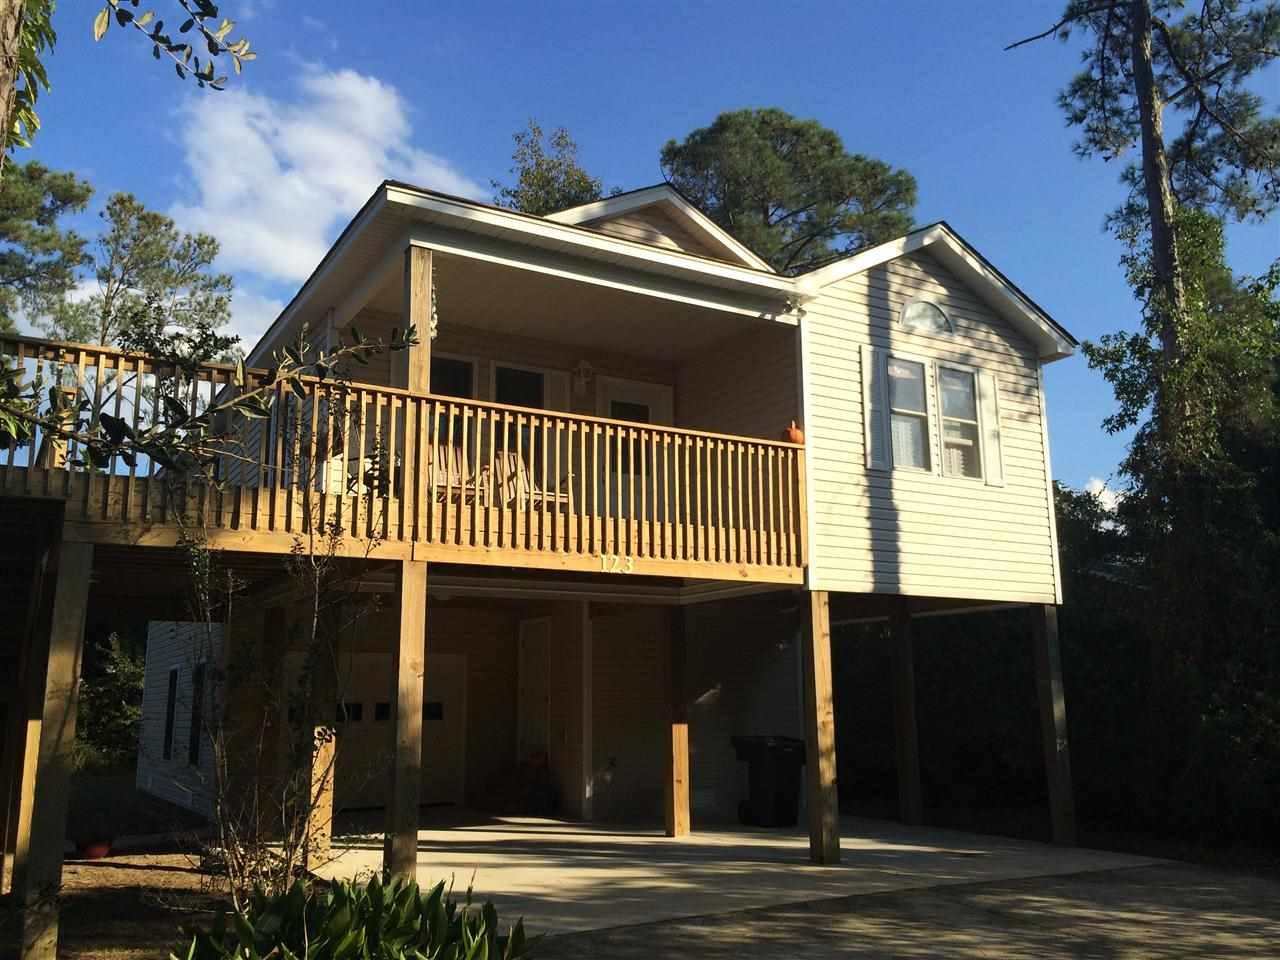 123 Baum Bay Drive,Kill Devil Hills,NC 27948,3 Bedrooms Bedrooms,2 BathroomsBathrooms,Residential,Baum Bay Drive,85581